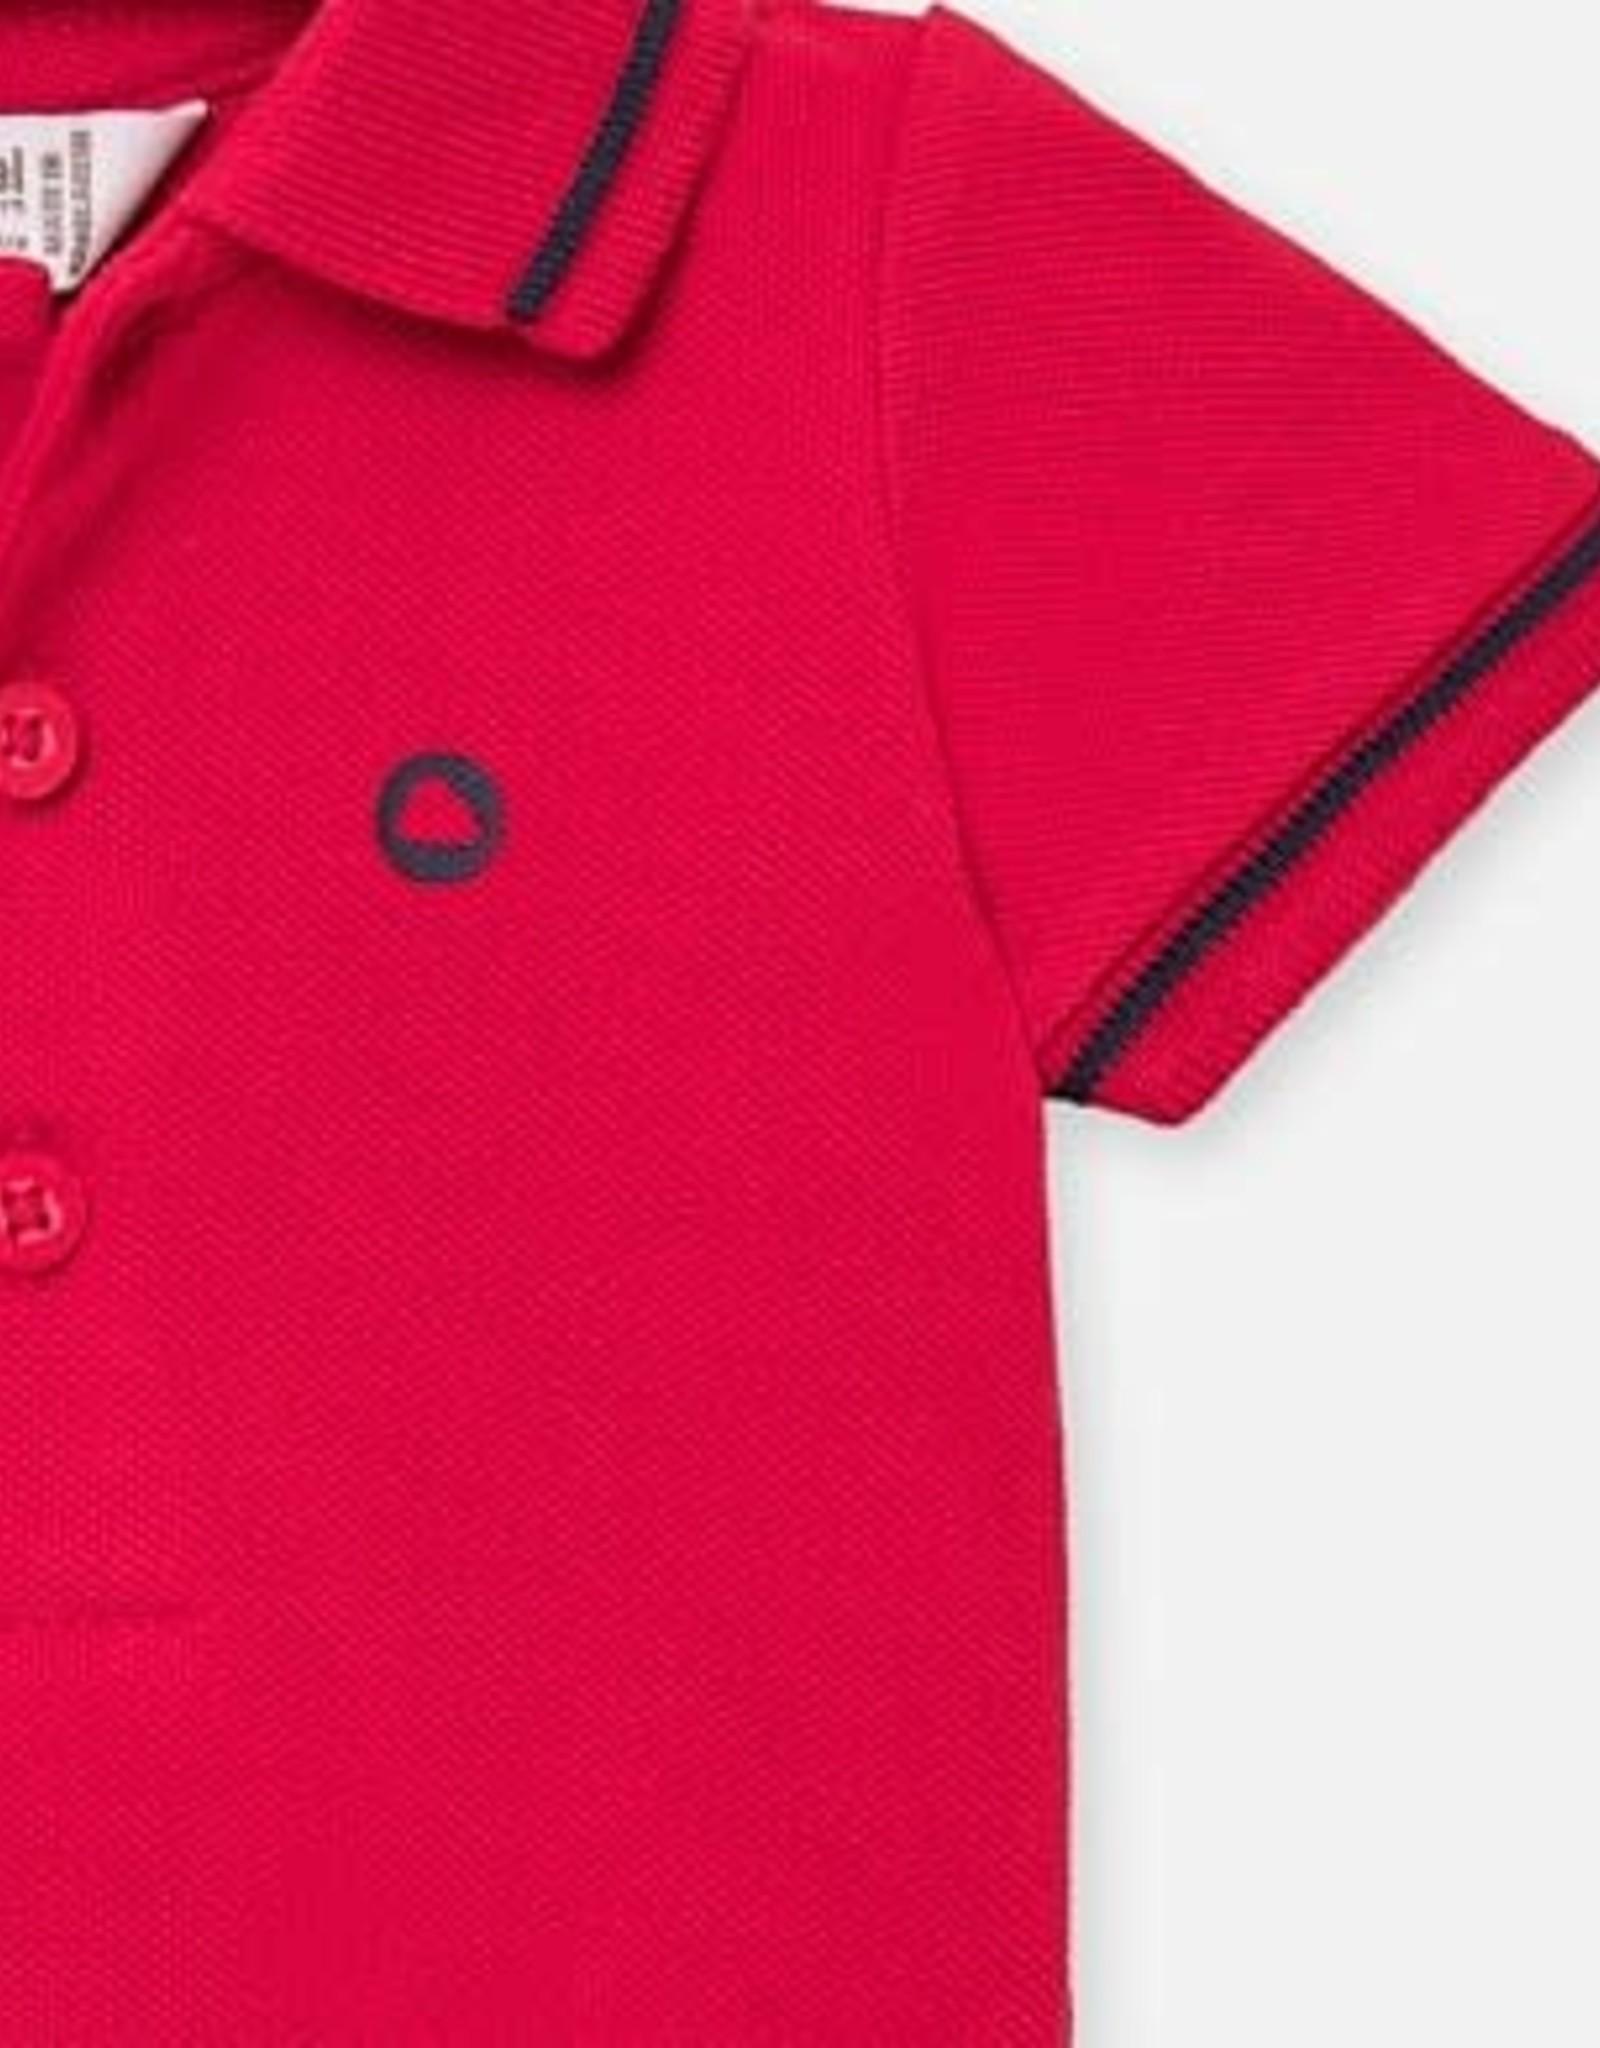 Mayoral Mayoral Basic Short Sleeve Polo 2-4 months